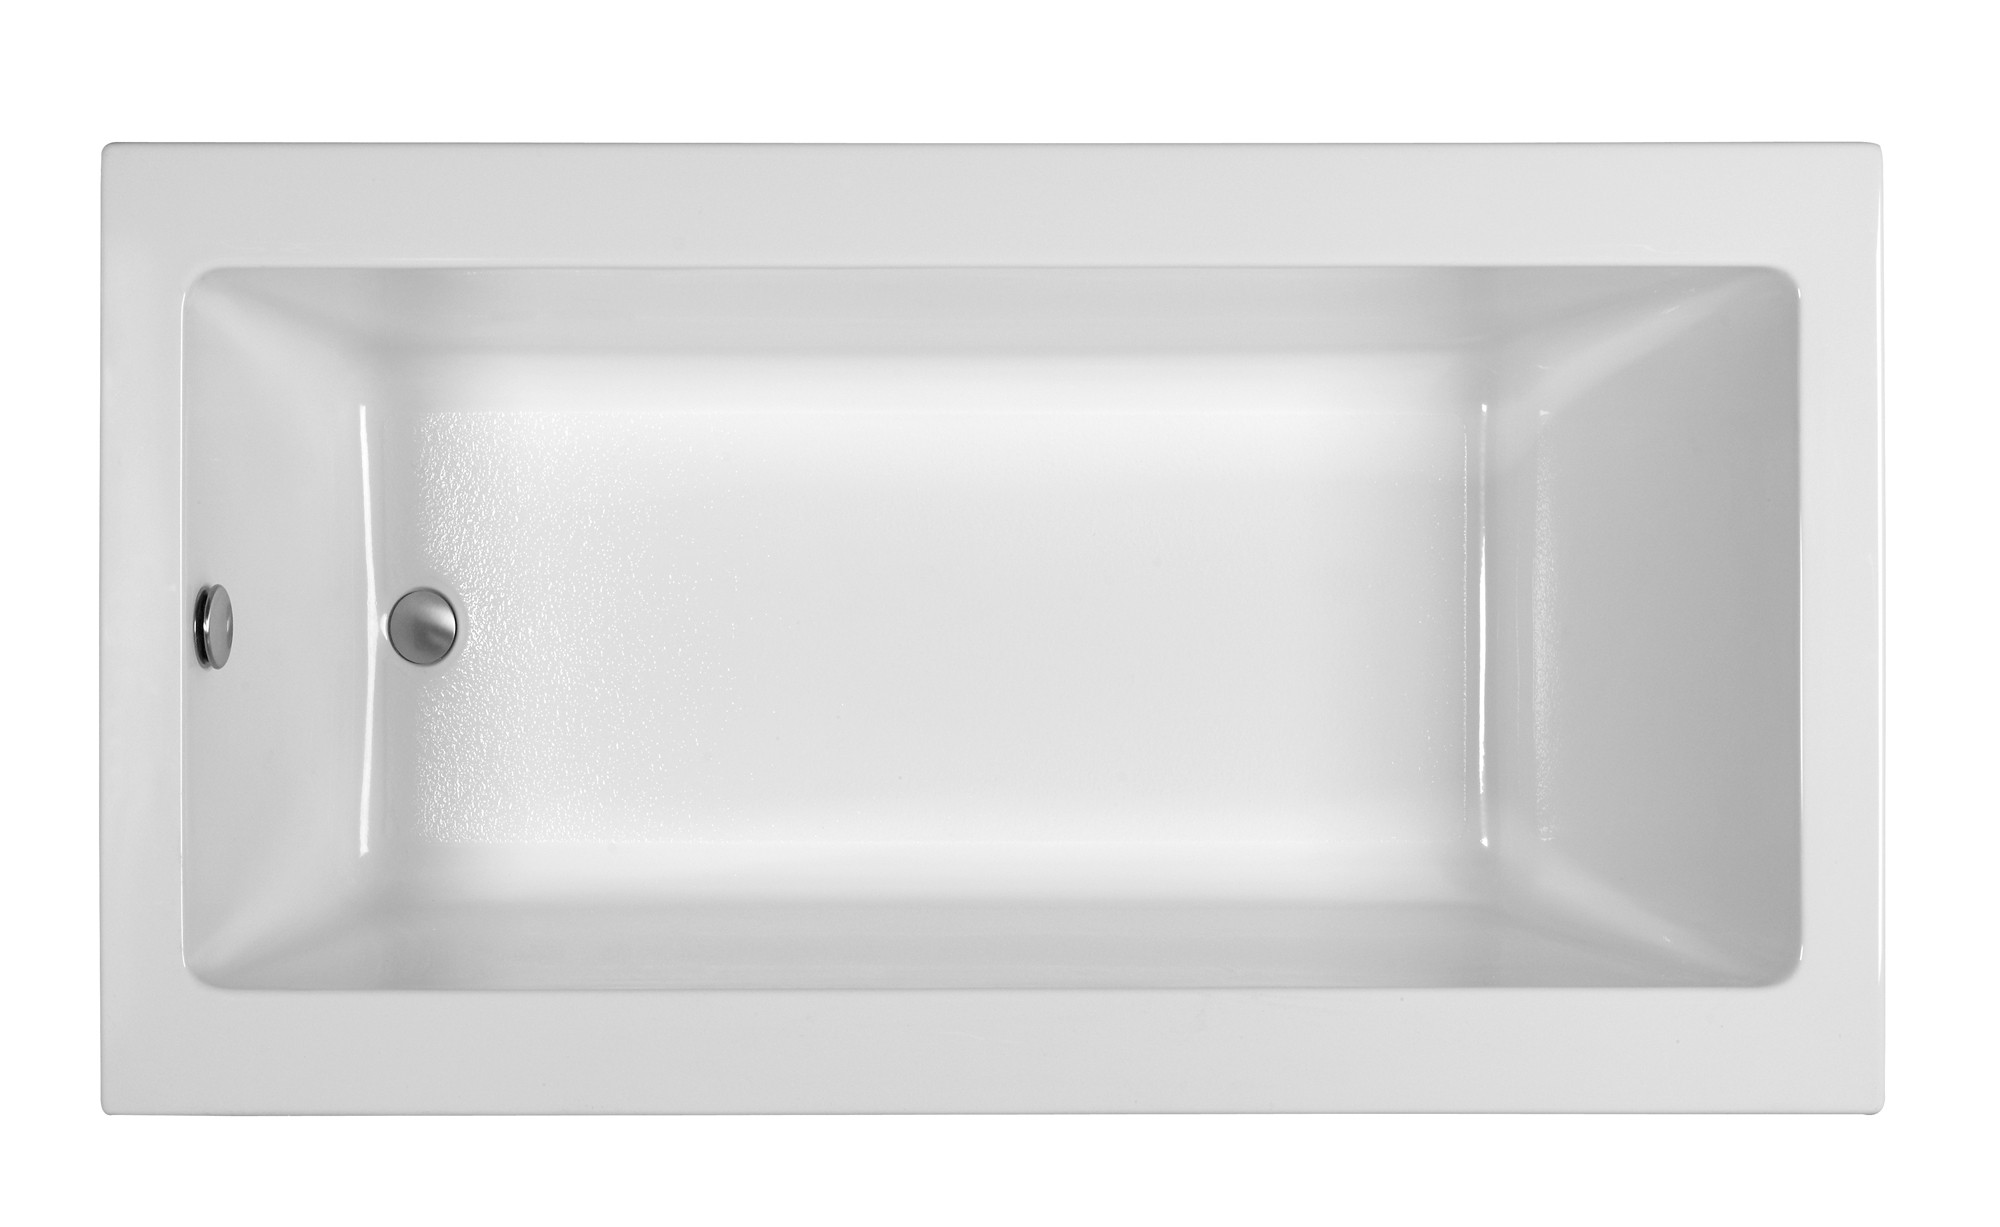 eliance R6636CRW End Drain Whirlpool Tub